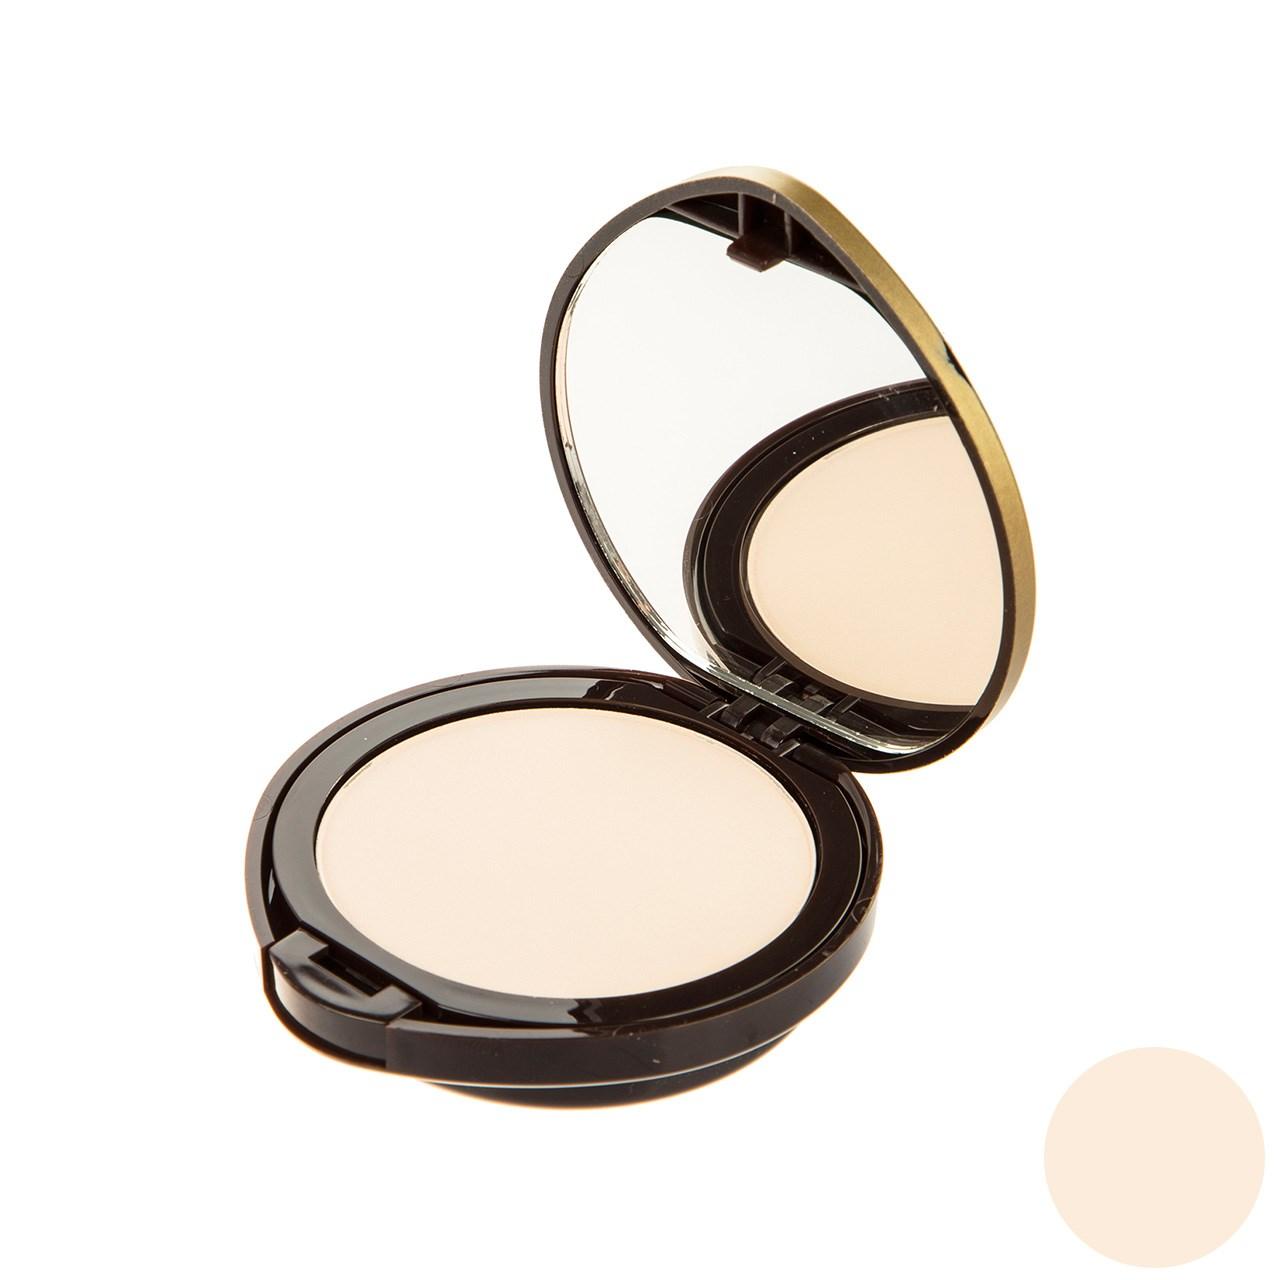 قیمت کرم پودر فشرده دبورا سری New Skin شماره 00